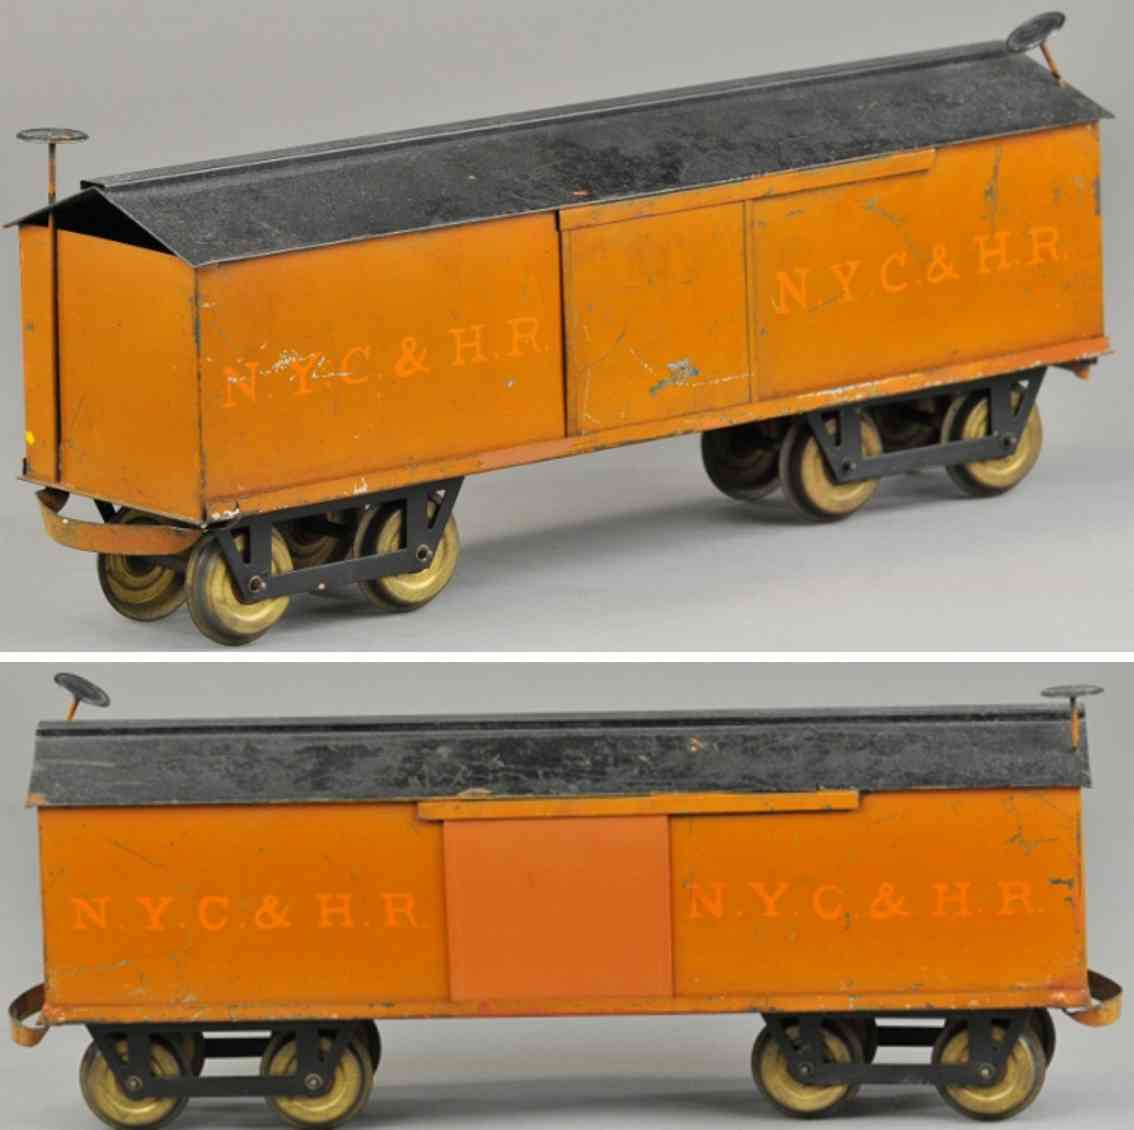 carlisle & finch 91 nyc&hr railway toy box car orange black